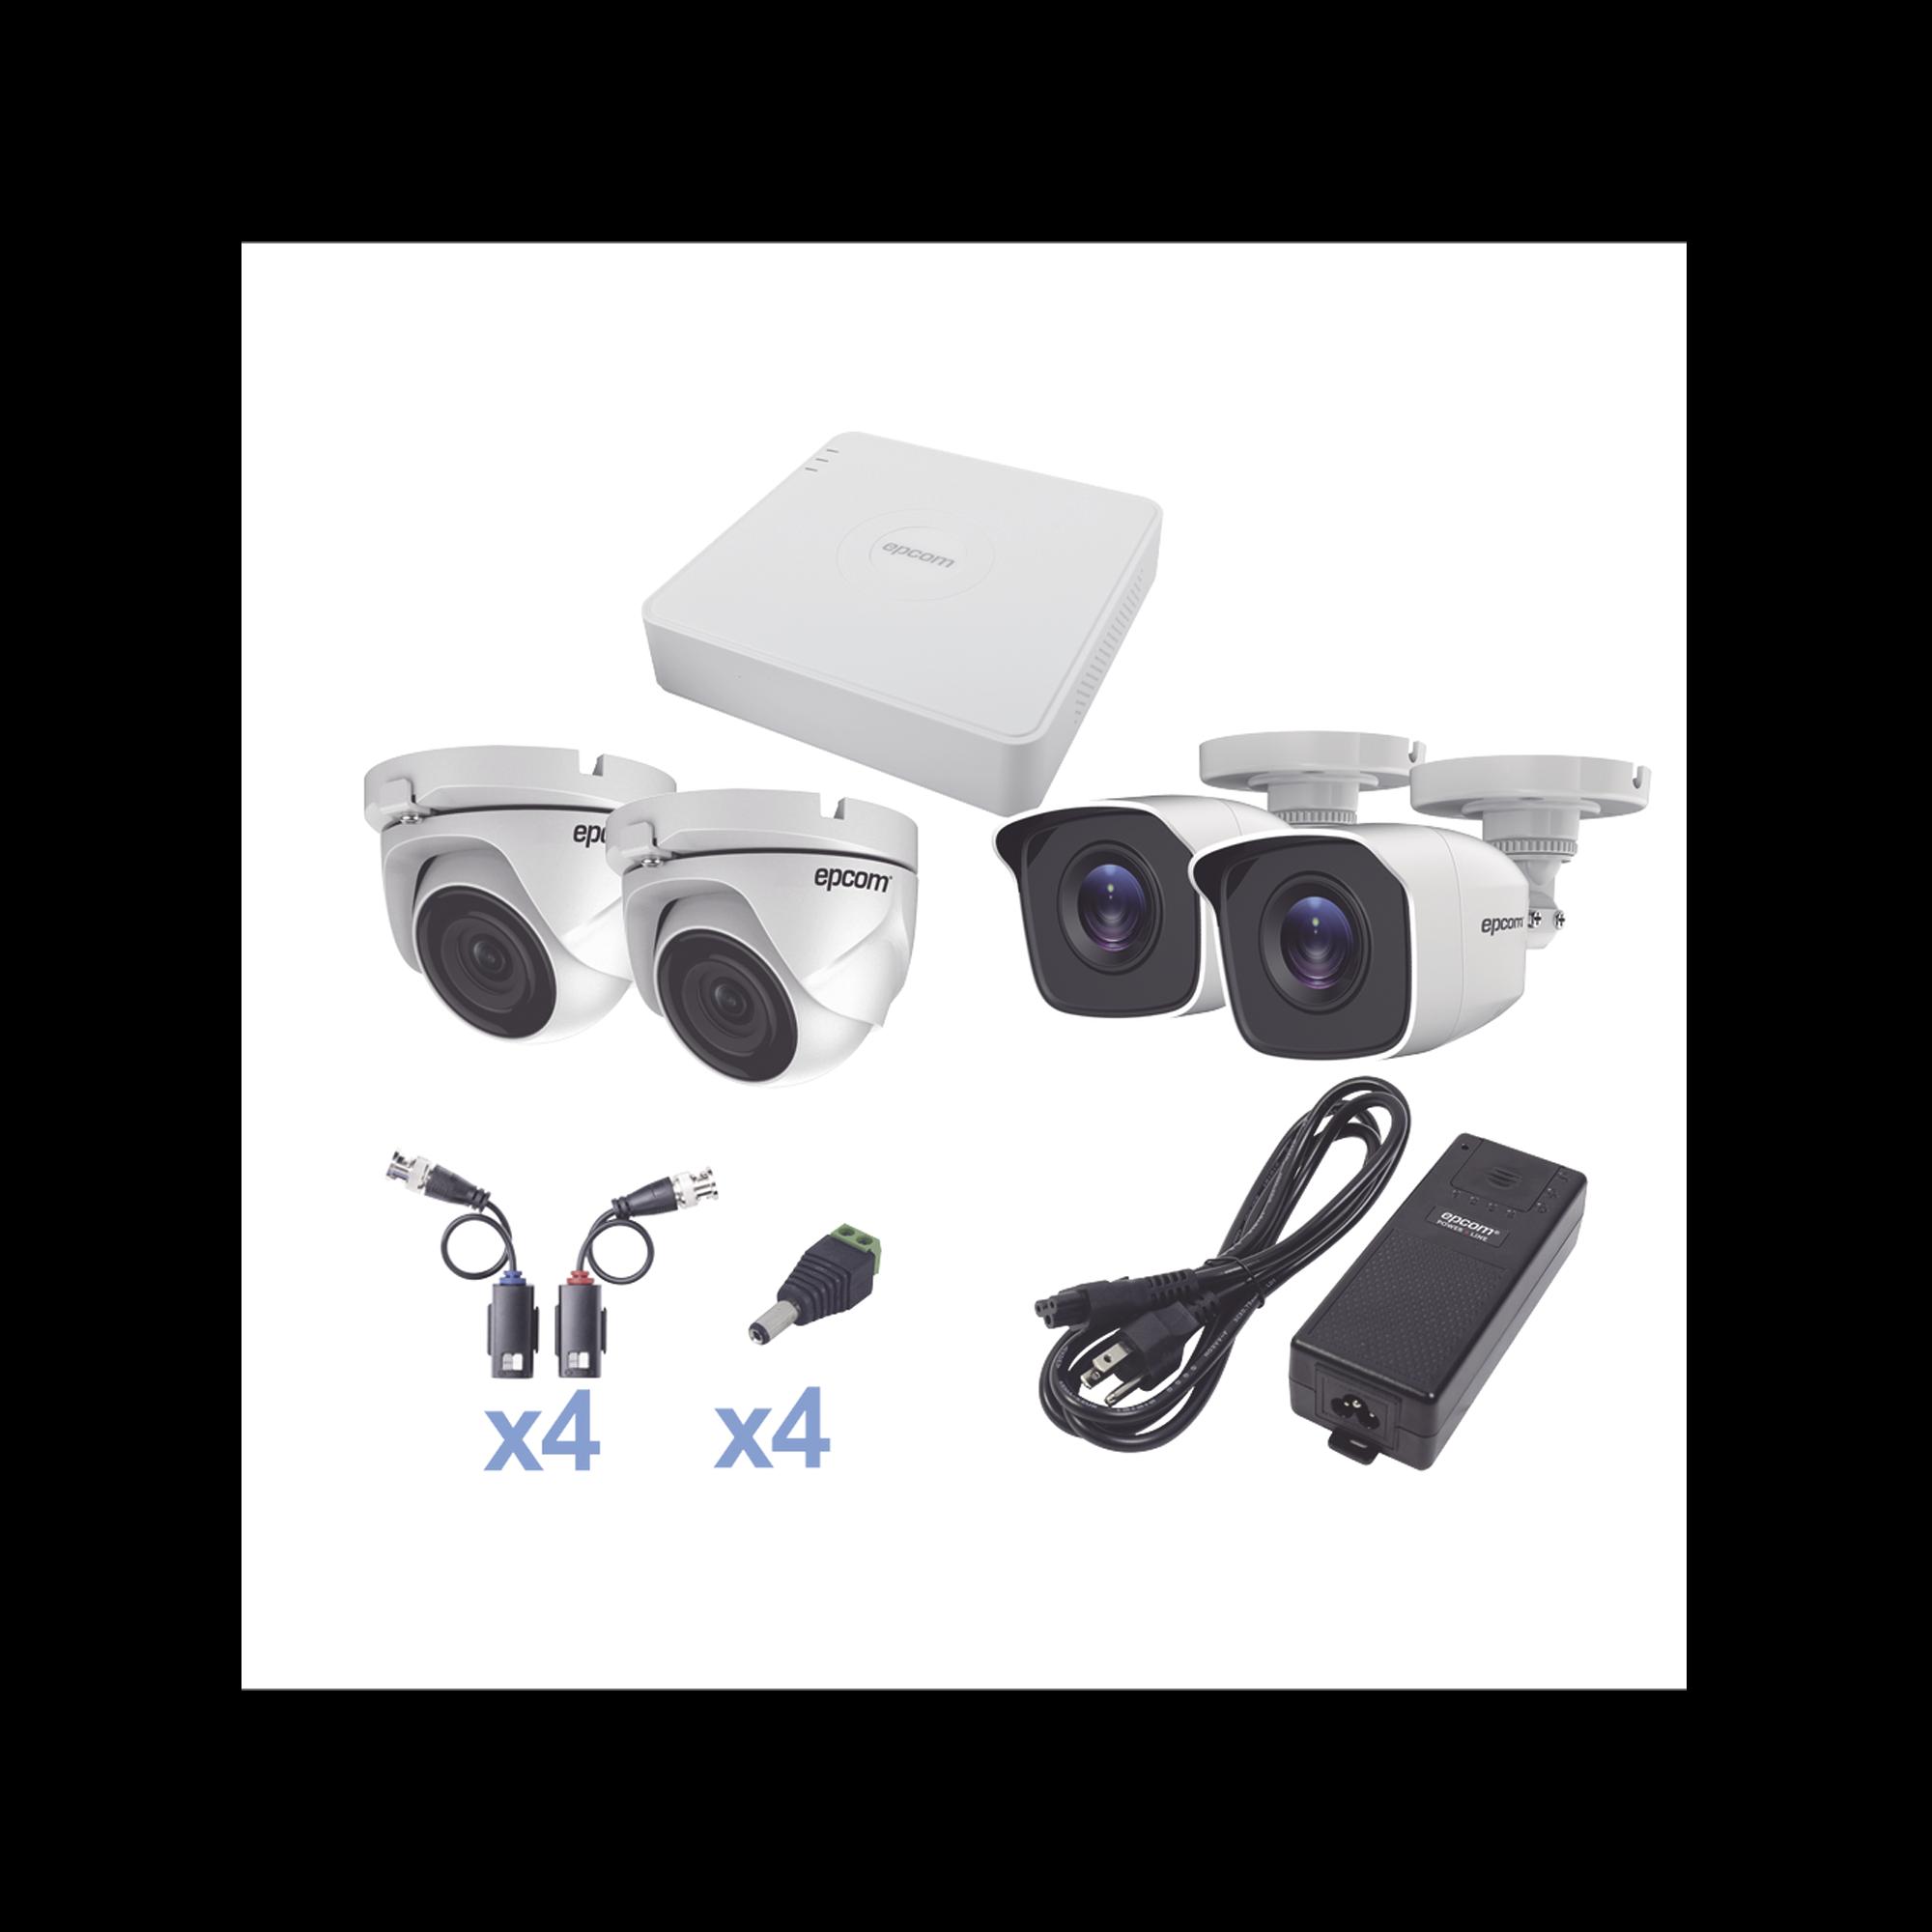 KIT TurboHD 720p / DVR 4 Canales / 2 Cámaras Bala (exterior 2.8 mm) / 2 Cámaras Eyeball (exterior 2.8 mm) / Transceptores / Conectores / Fuente de Poder Profesional